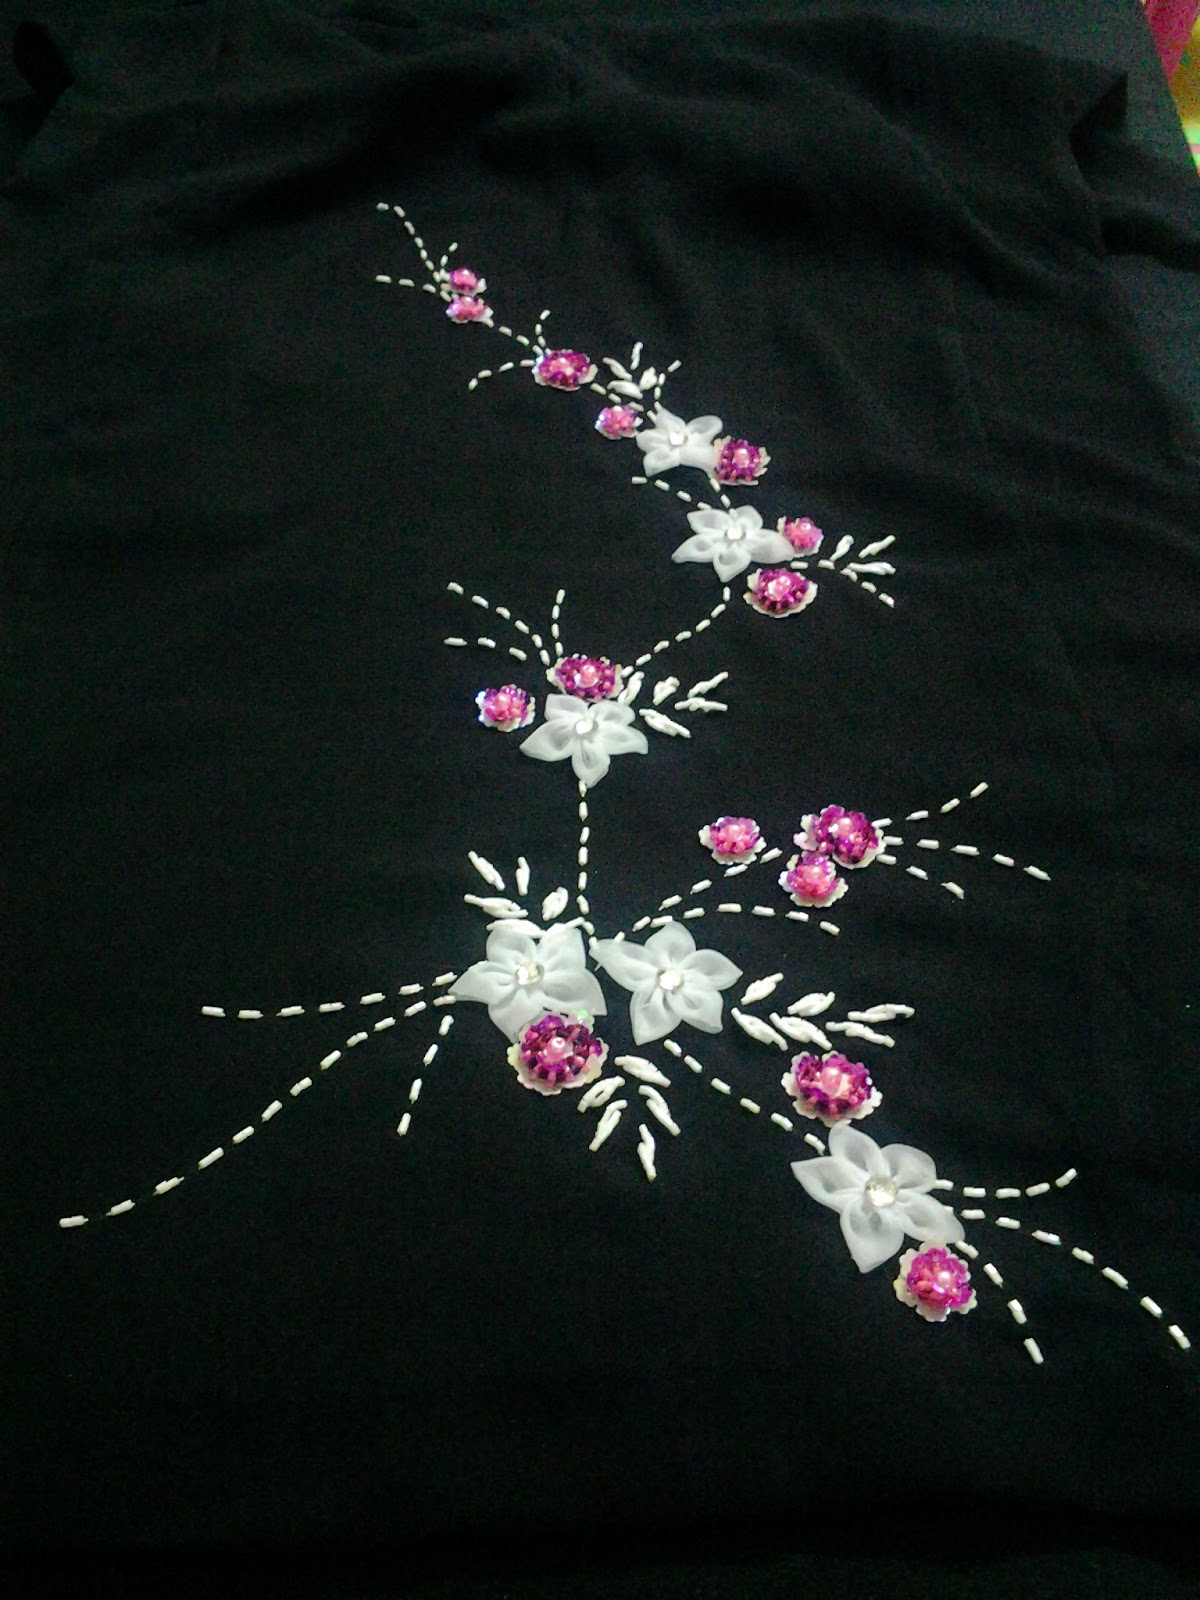 zoom full design di bhgn badan baju tgn blm jahit lm p keje td mak ckp nk design simple je kt tgn xnk bunga di tgn ok